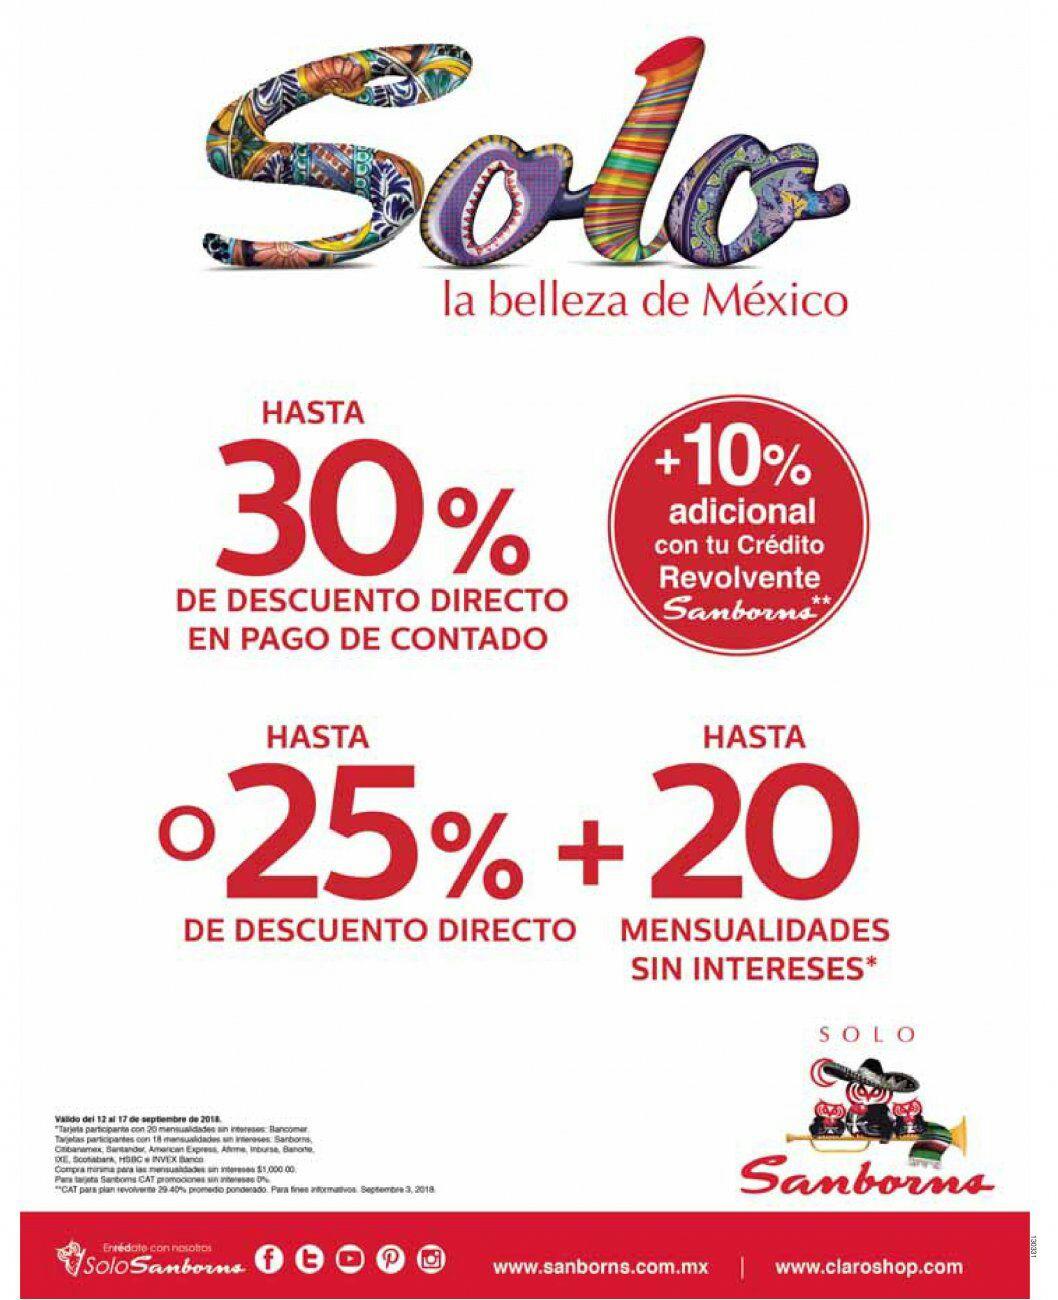 Sanborns: Hasta 30% de descuento directo + 10% adicional con crédito revolvente Sanborns... ó... hasta 25% de descuento directo + hasta 20 MSI